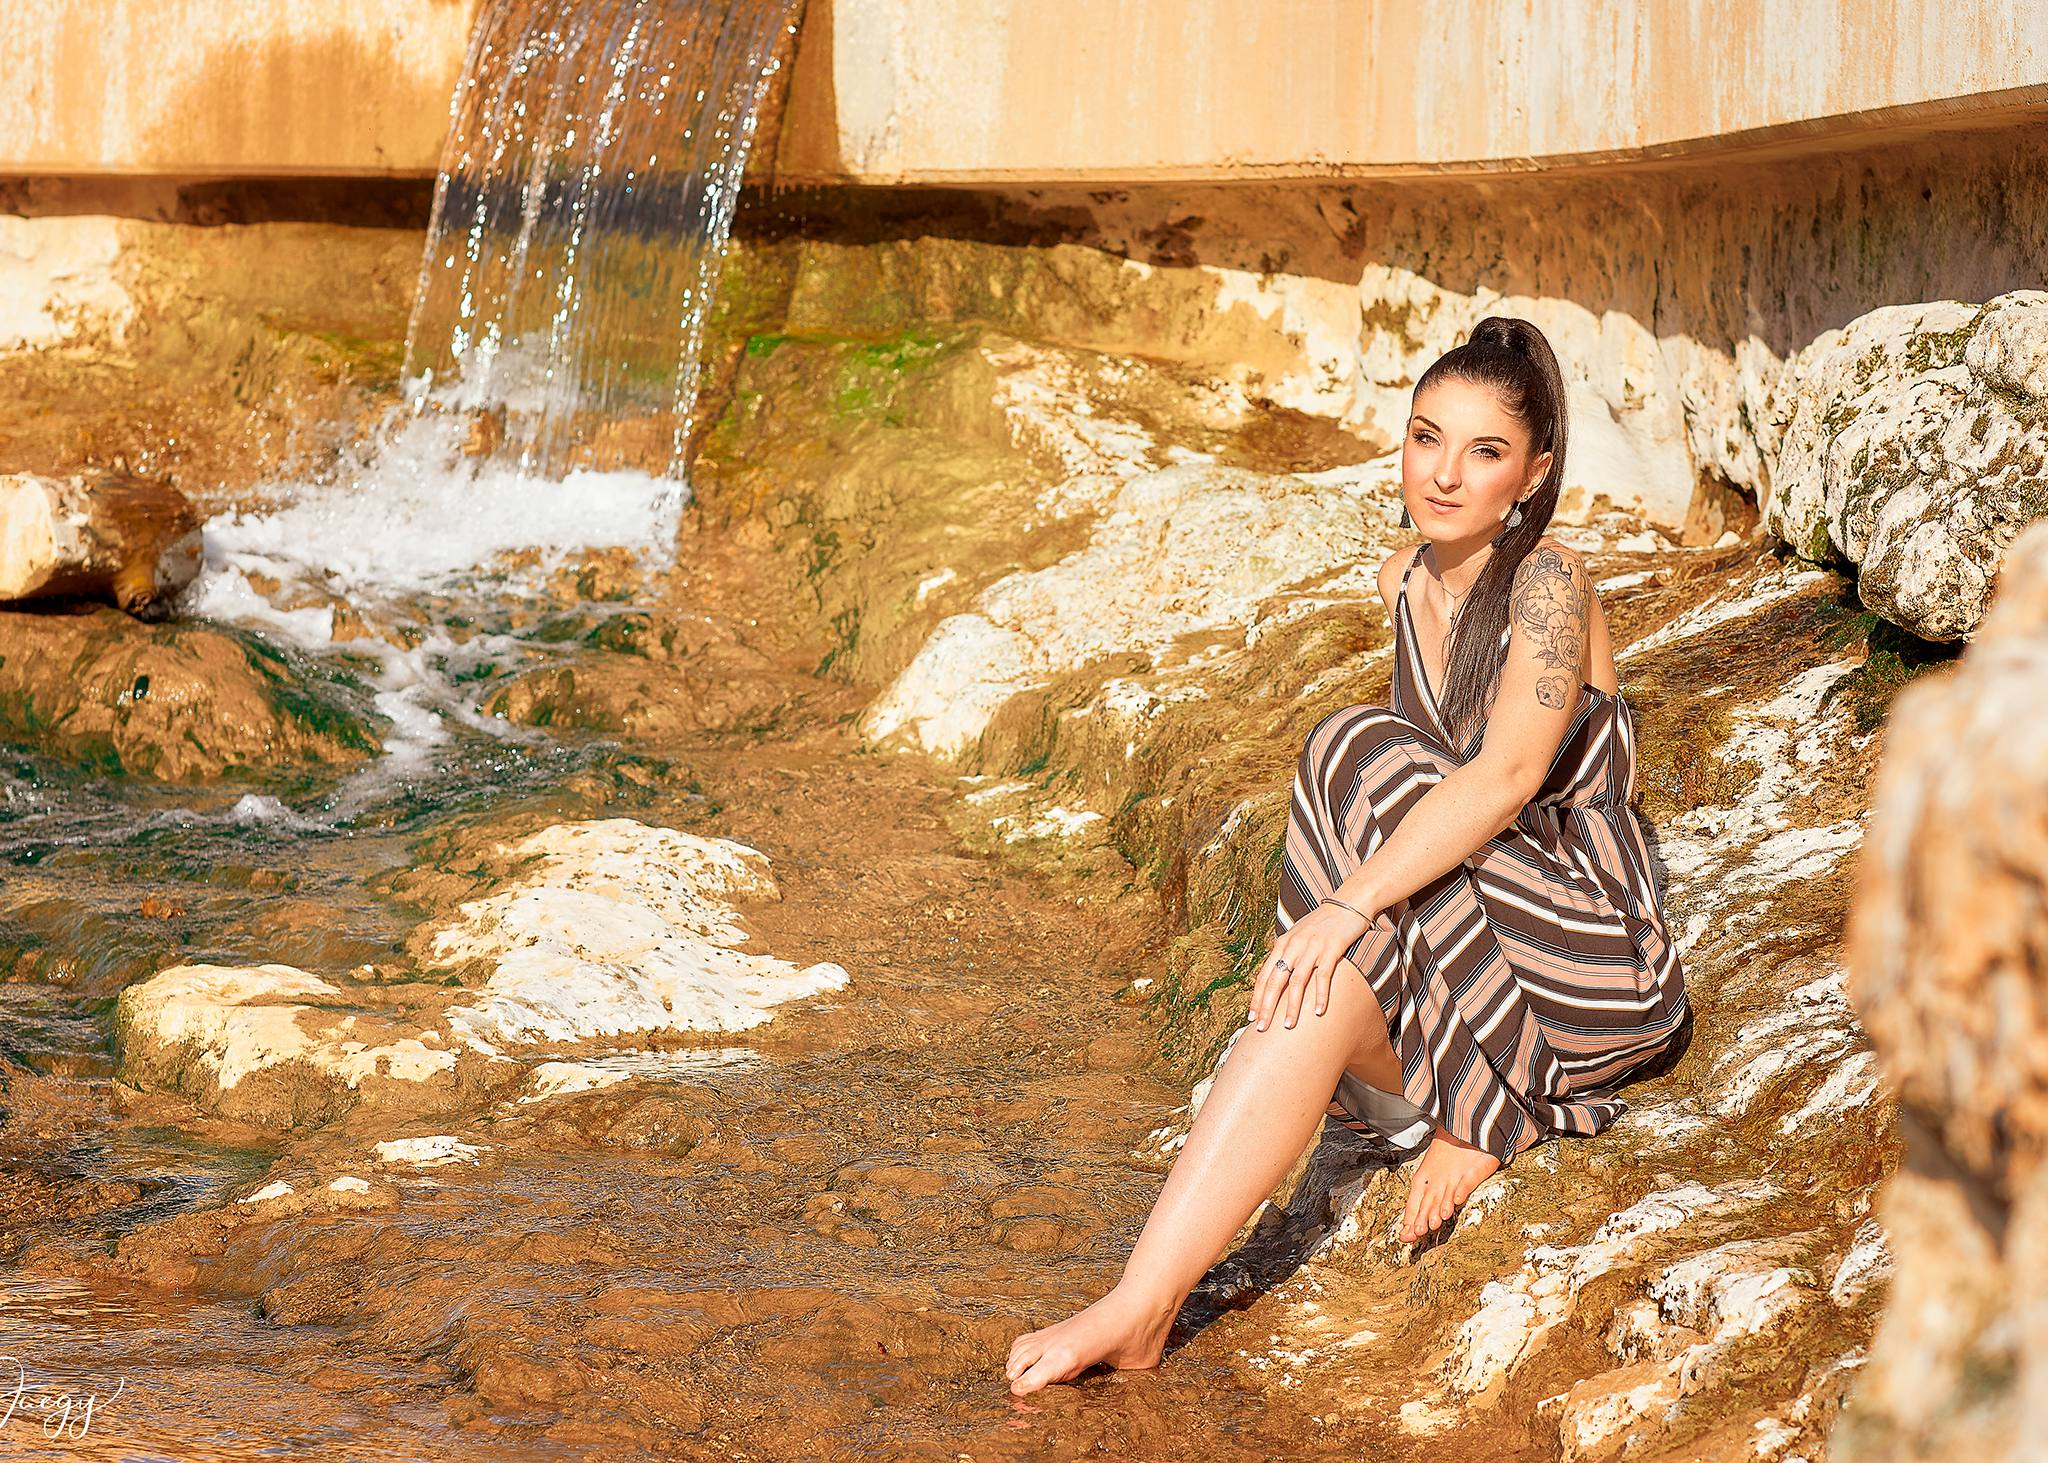 femme eau nature